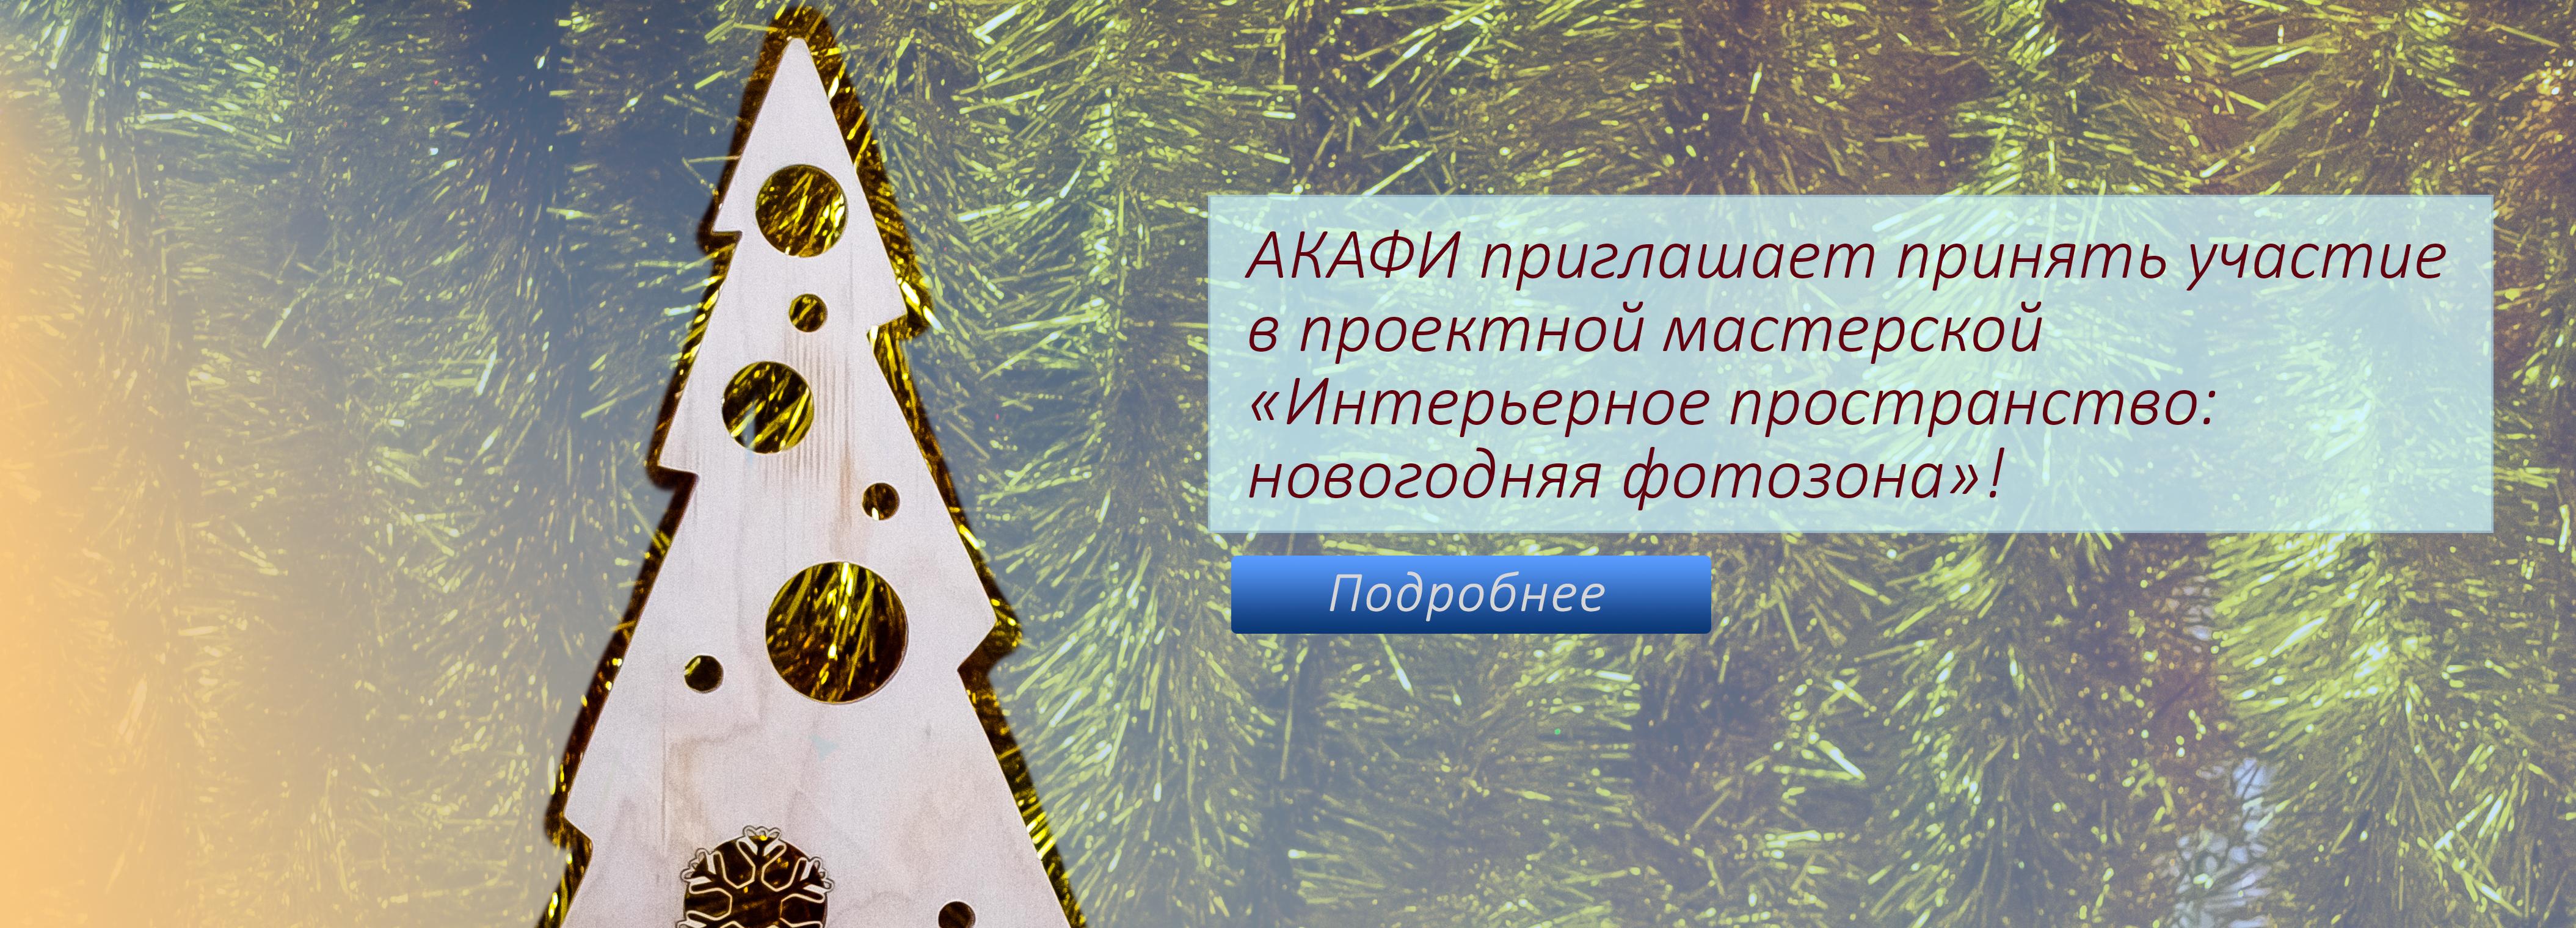 DSC_4996--21